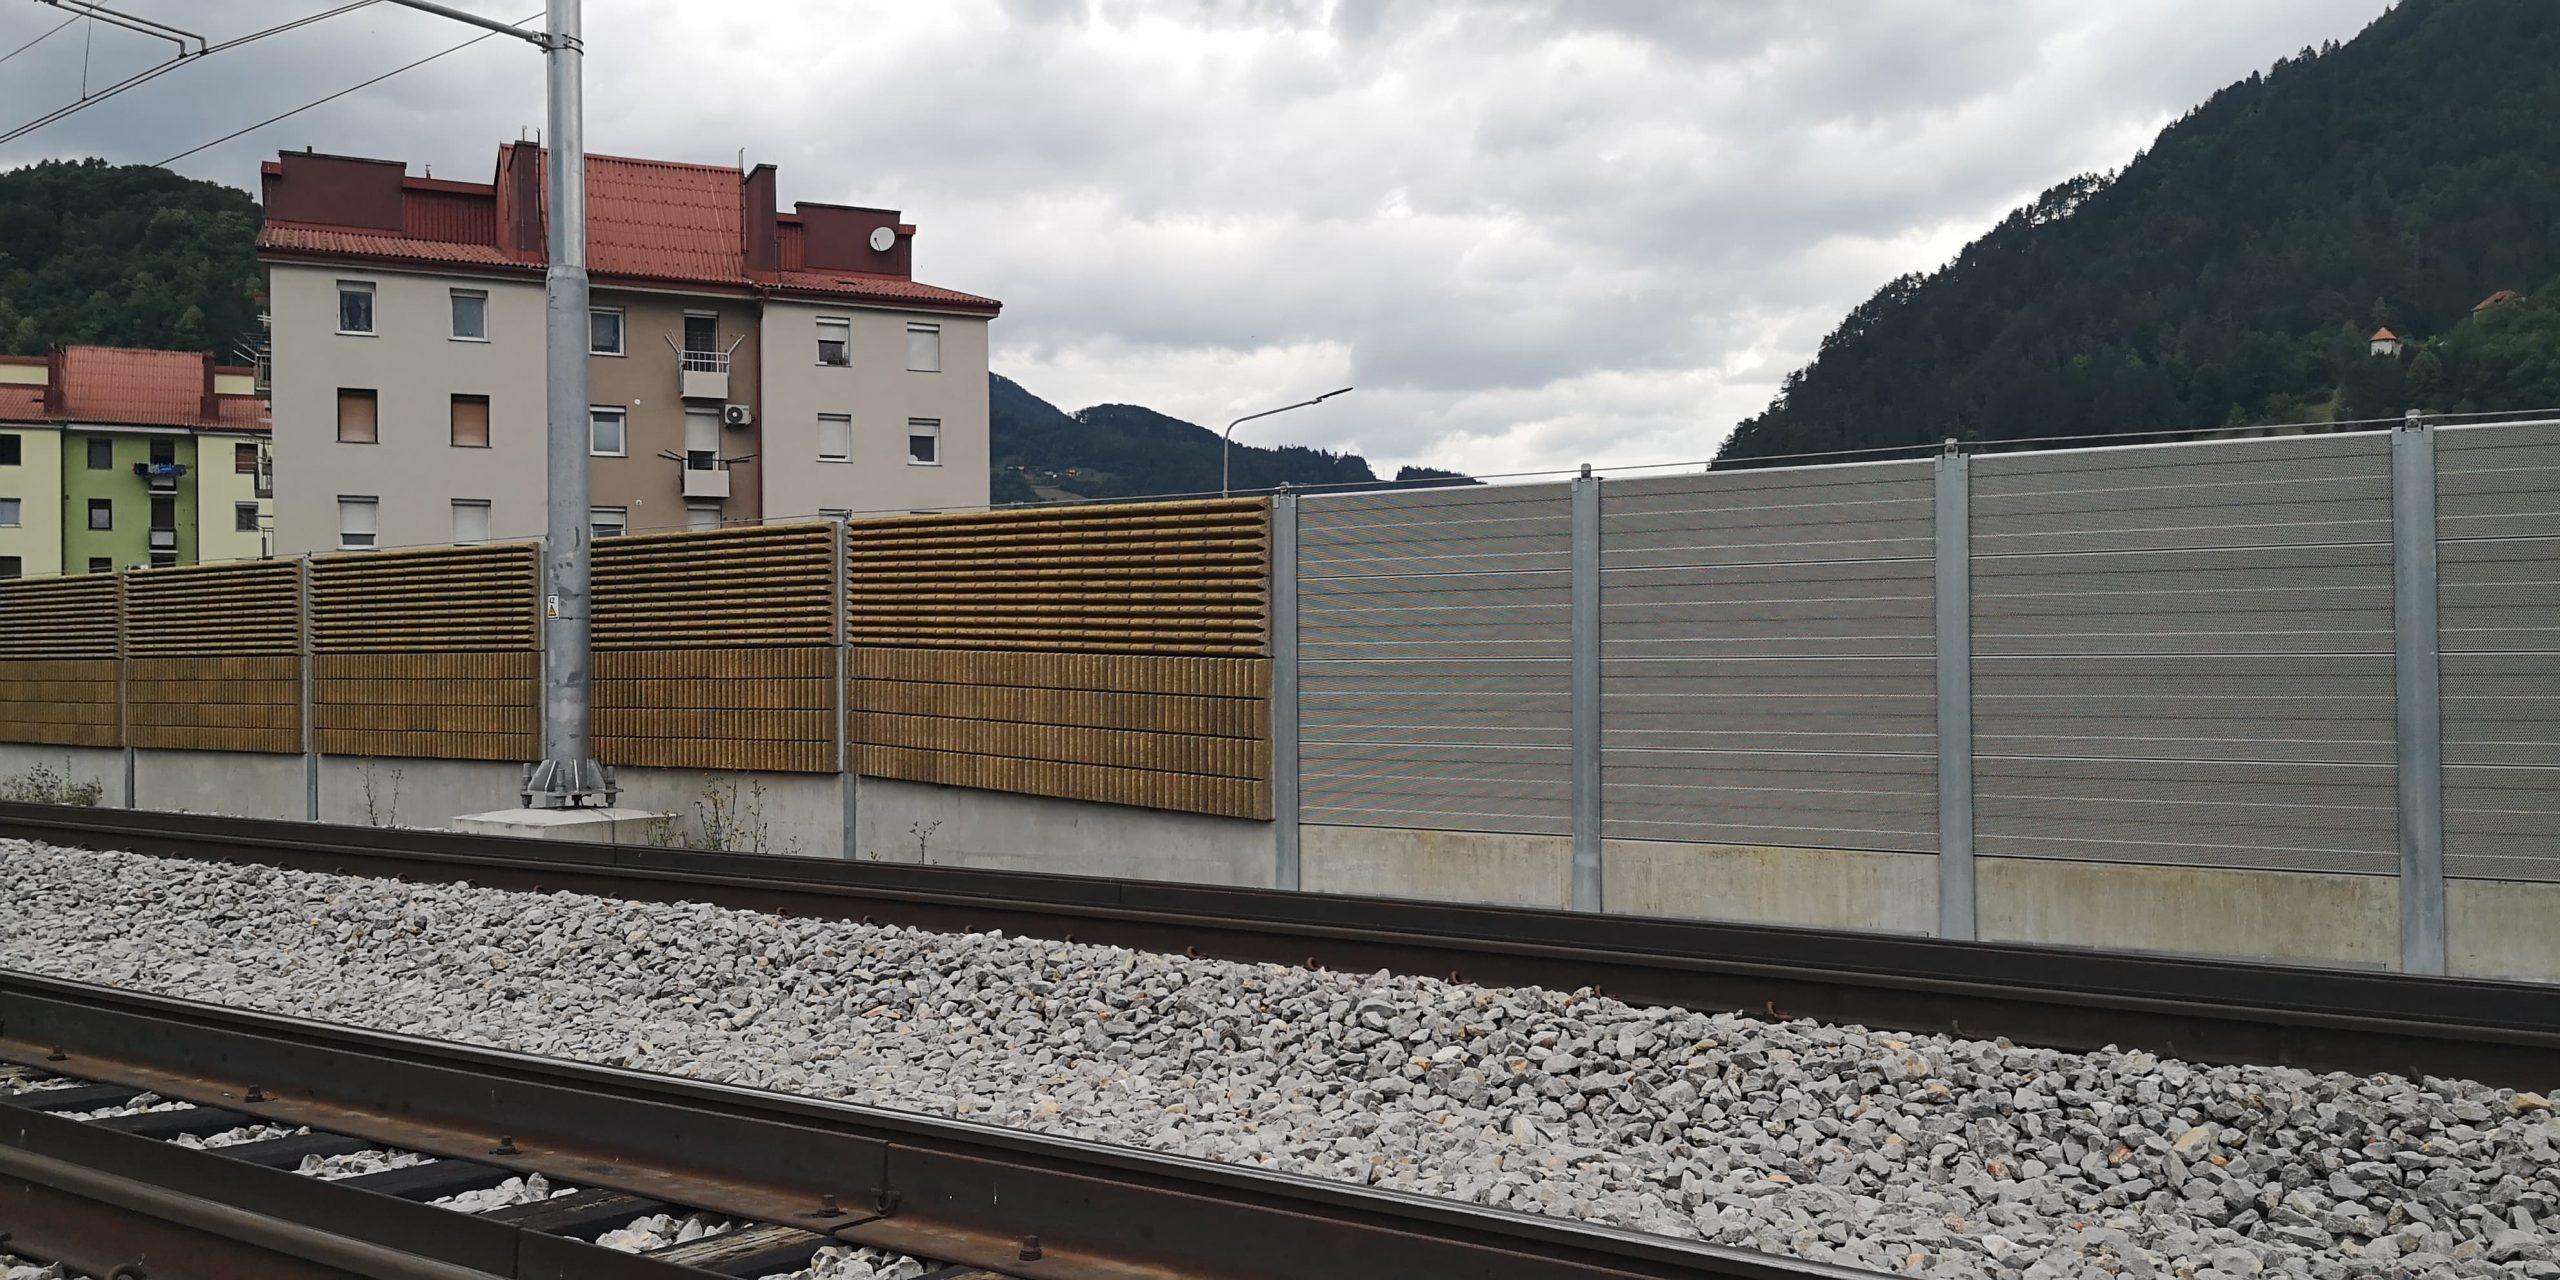 Prometni hrup Zidani Most-Celje slika35